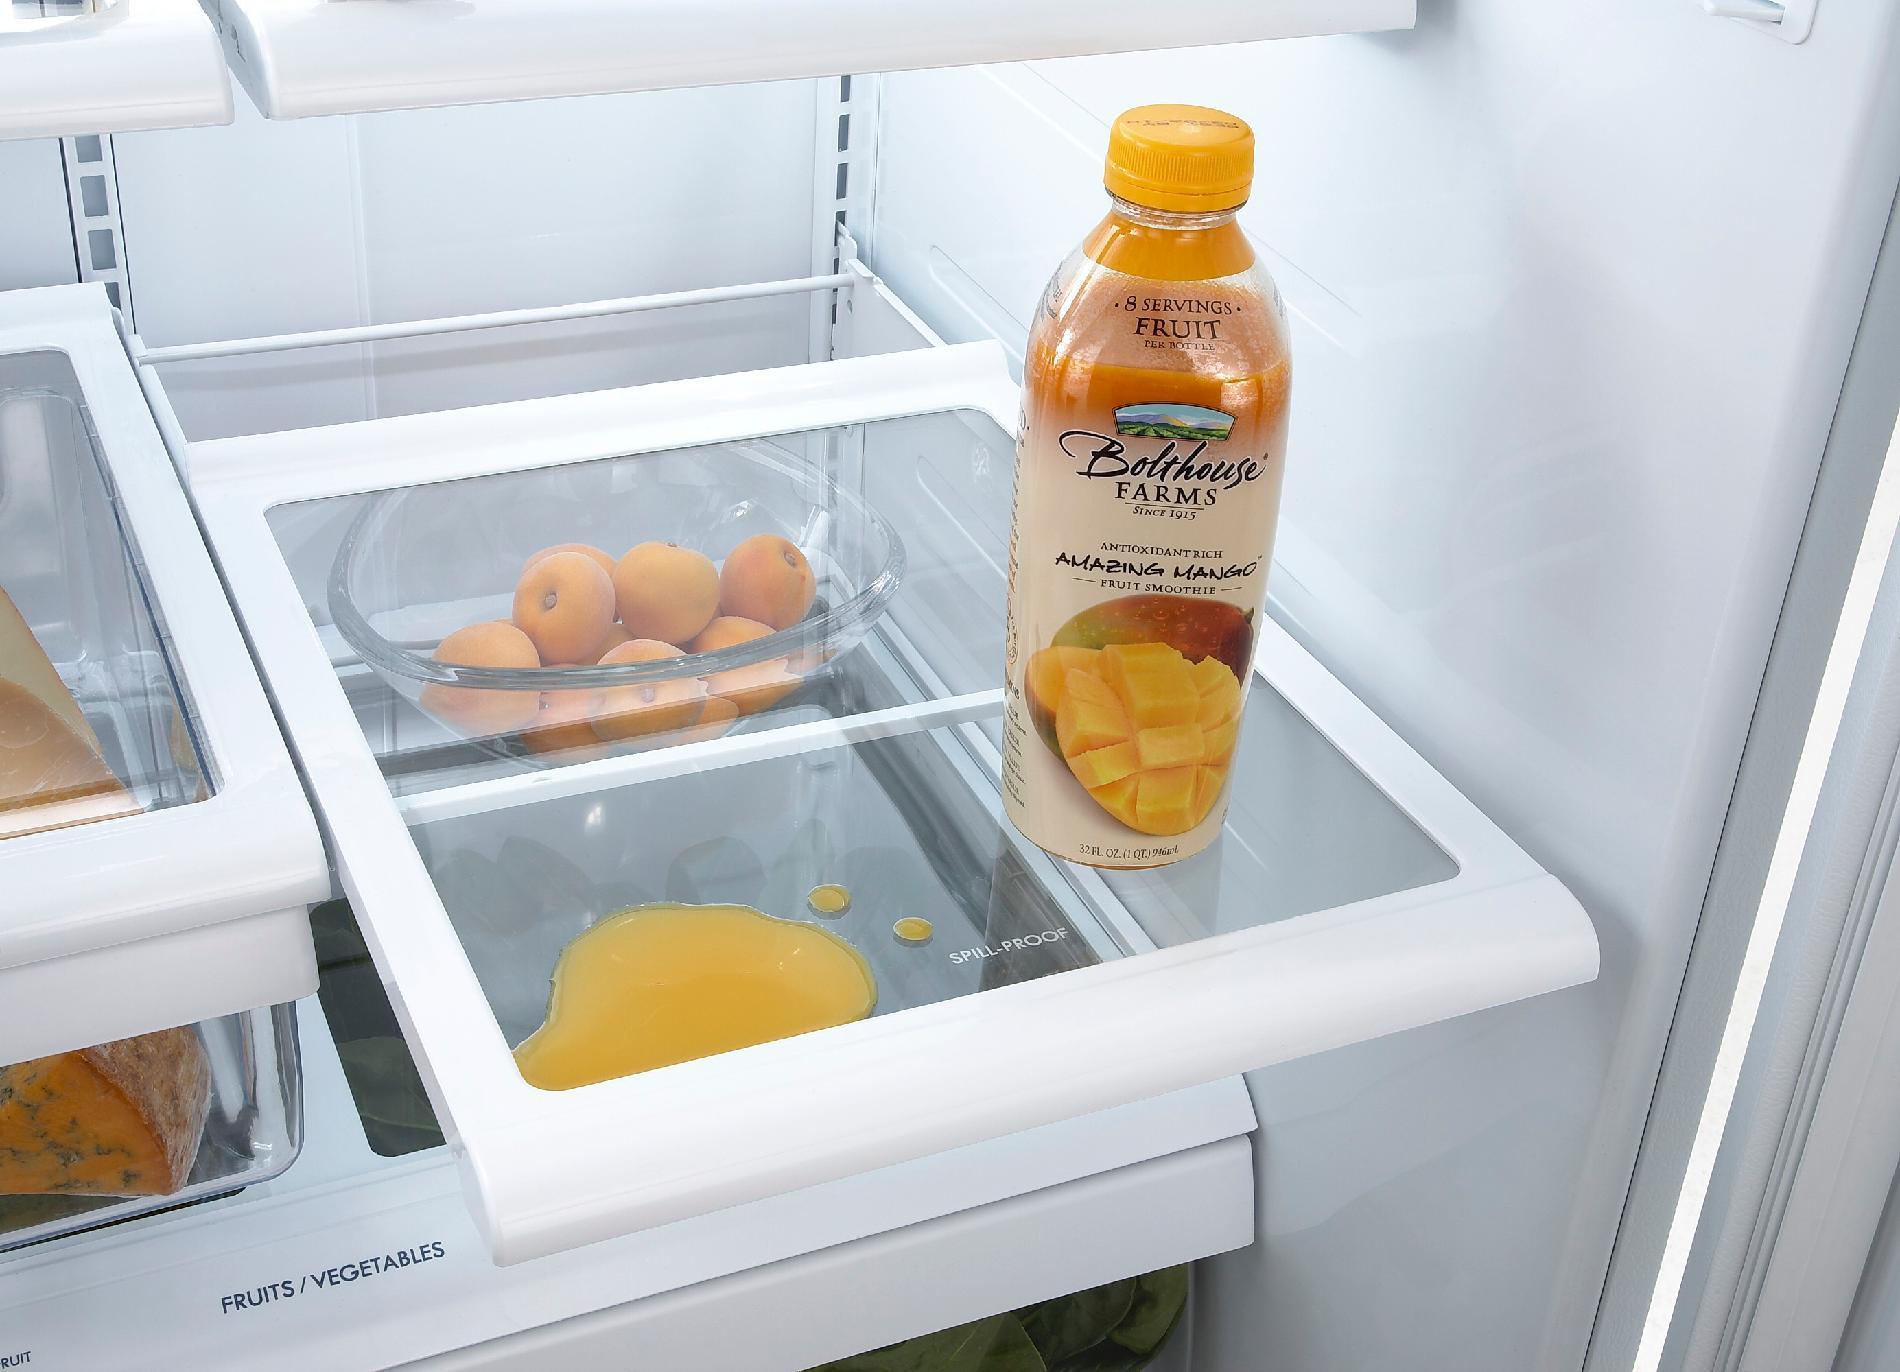 Kenmore 22.4 cu. ft. Bottom Freezer Refrigerator